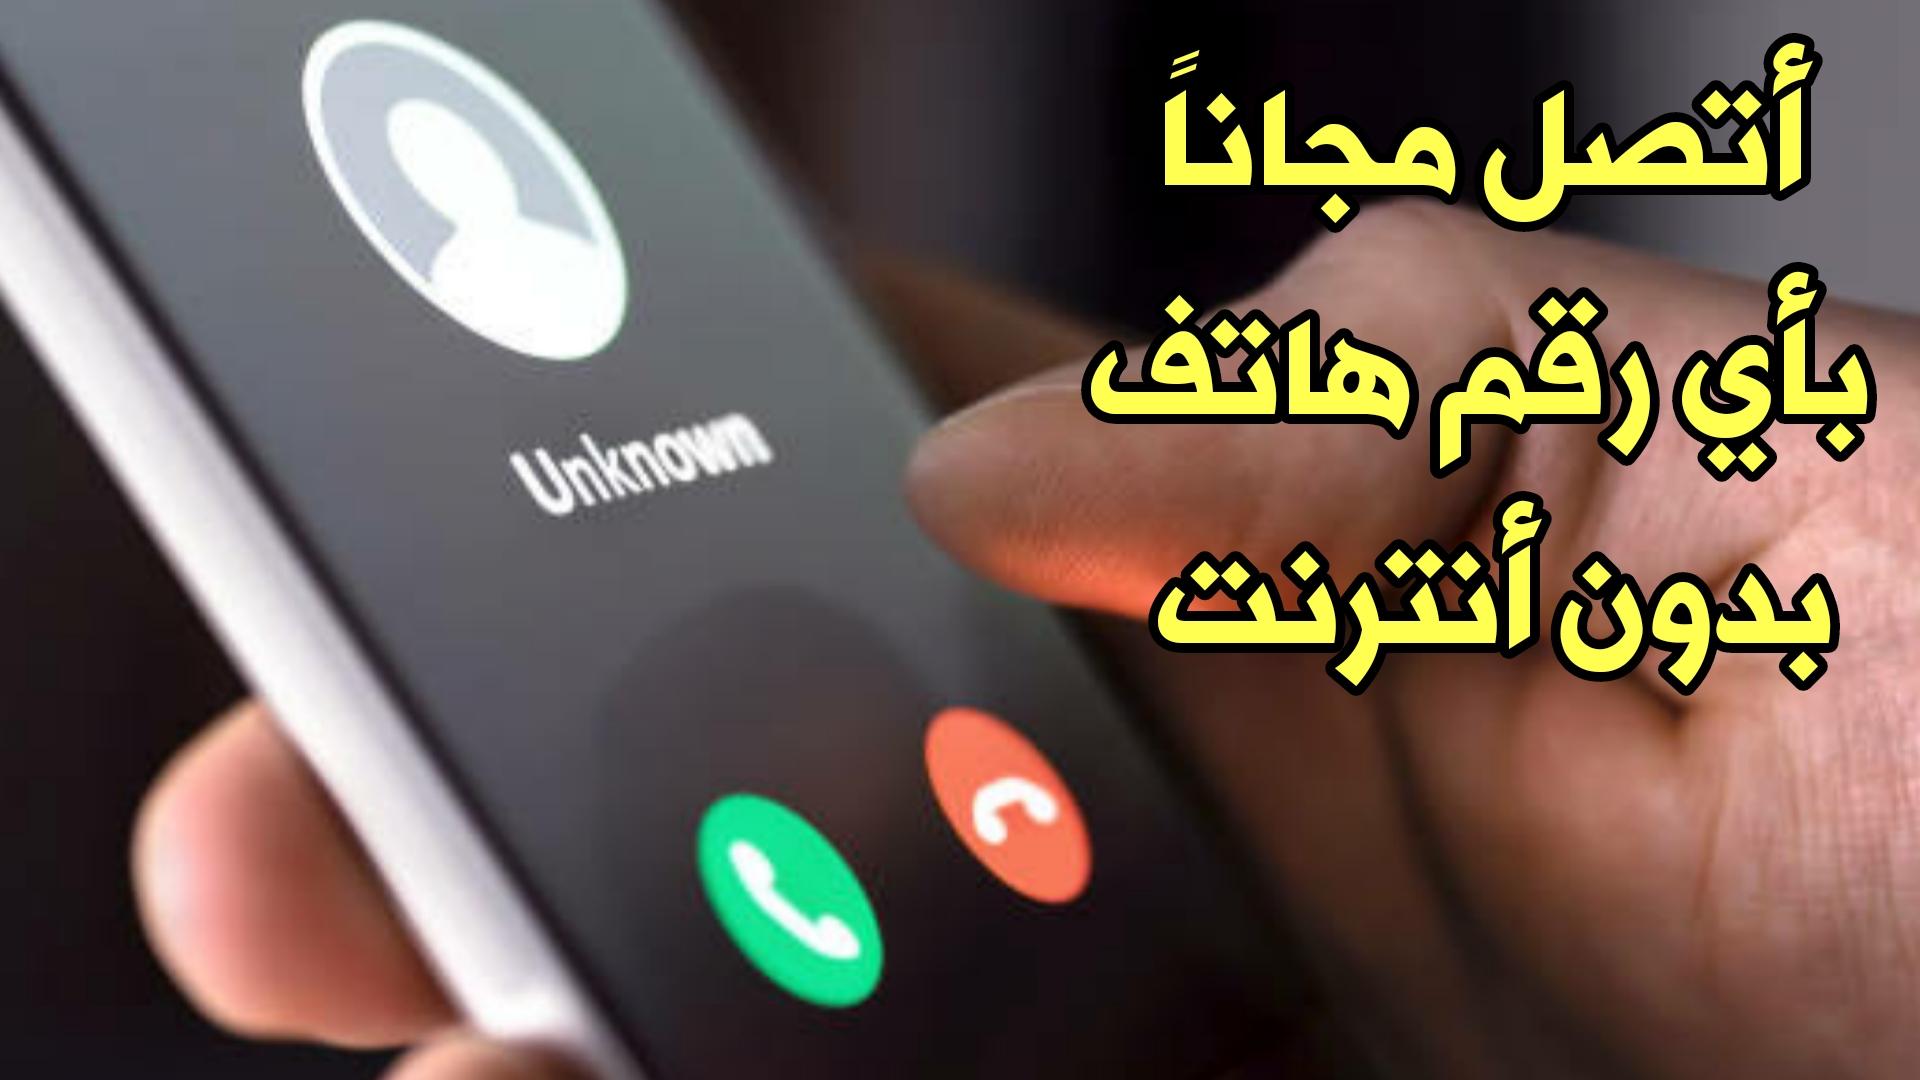 اتصل مجانا بأي رقم هاتف بدون انترنت مكالمات مجانية دولية ومحلية